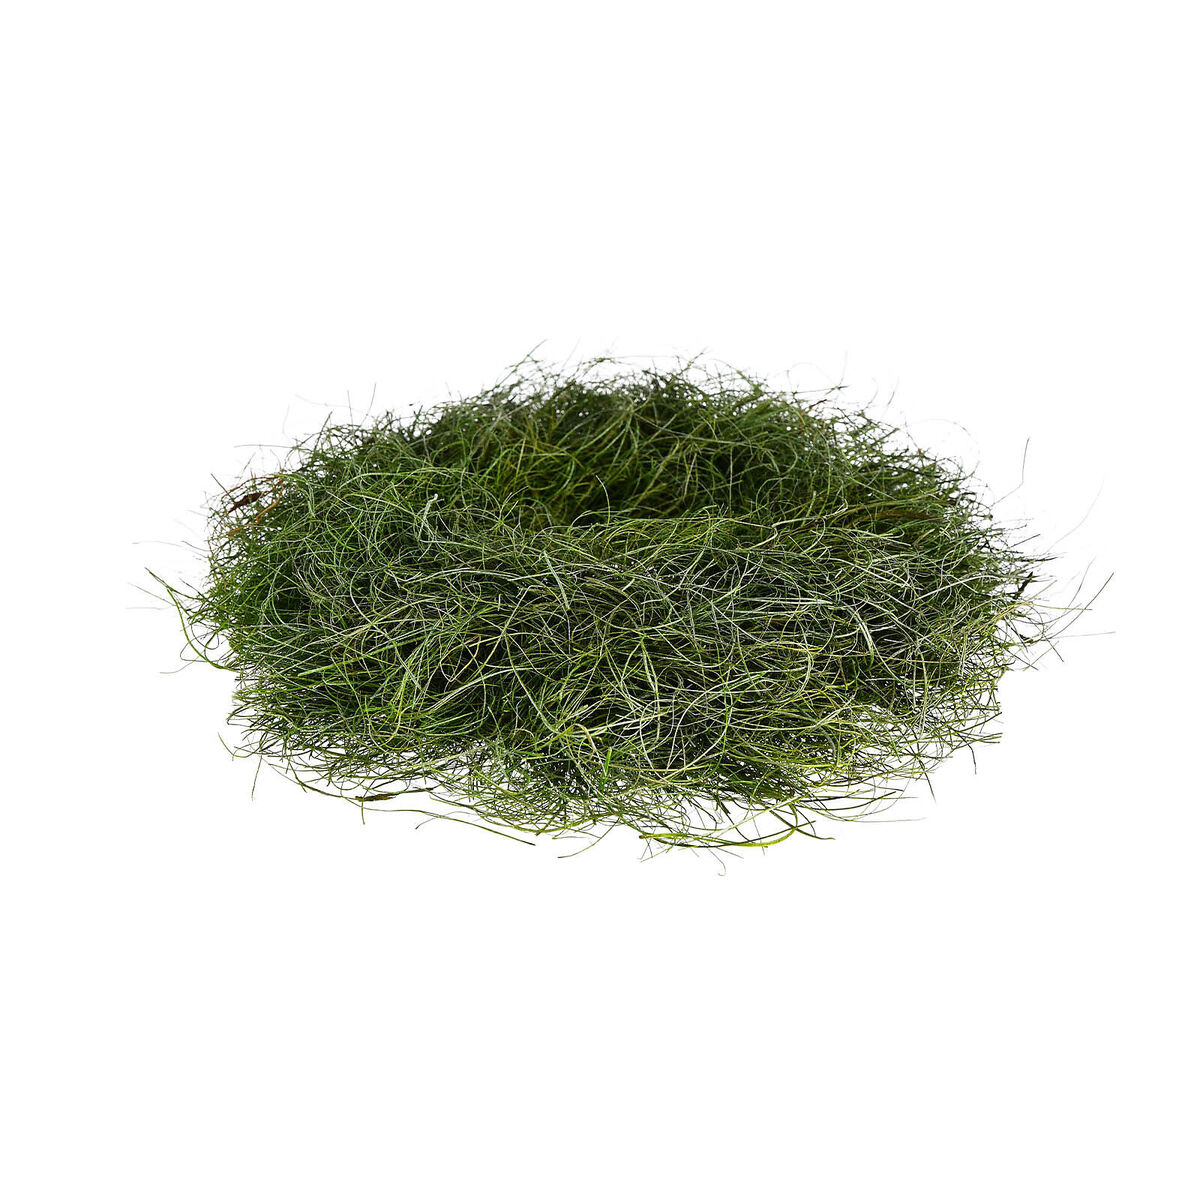 Bild 2 von Kranz Gras, D:26cm, grün